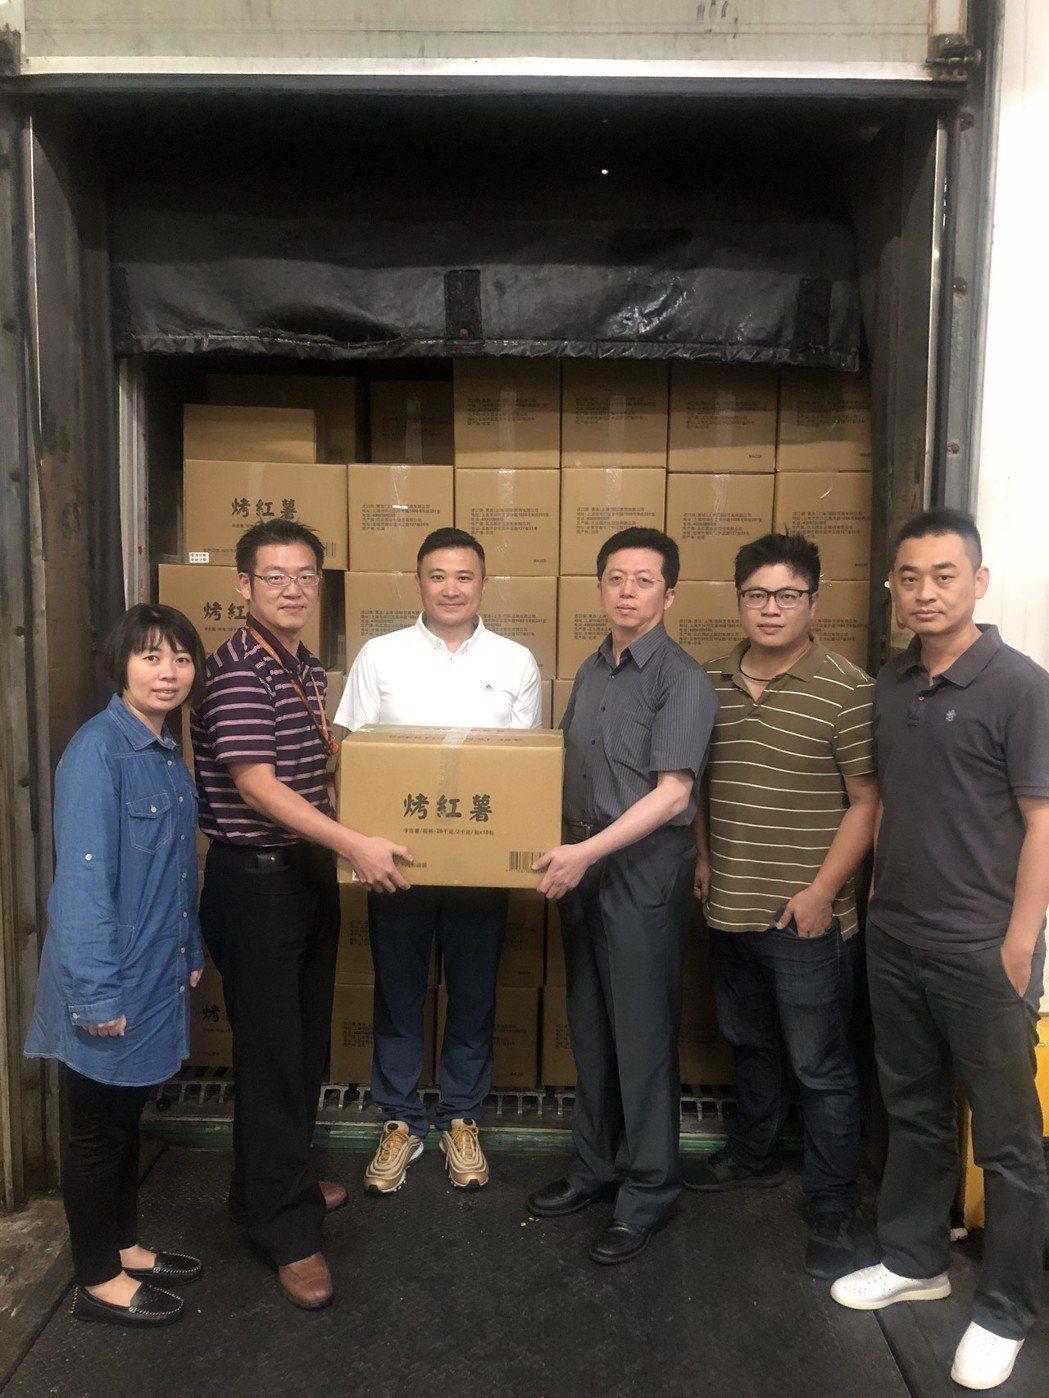 金色大地將台農57號地瓜引入中國大陸便利商店,首航40公噸封櫃出口。 吳青常/攝...